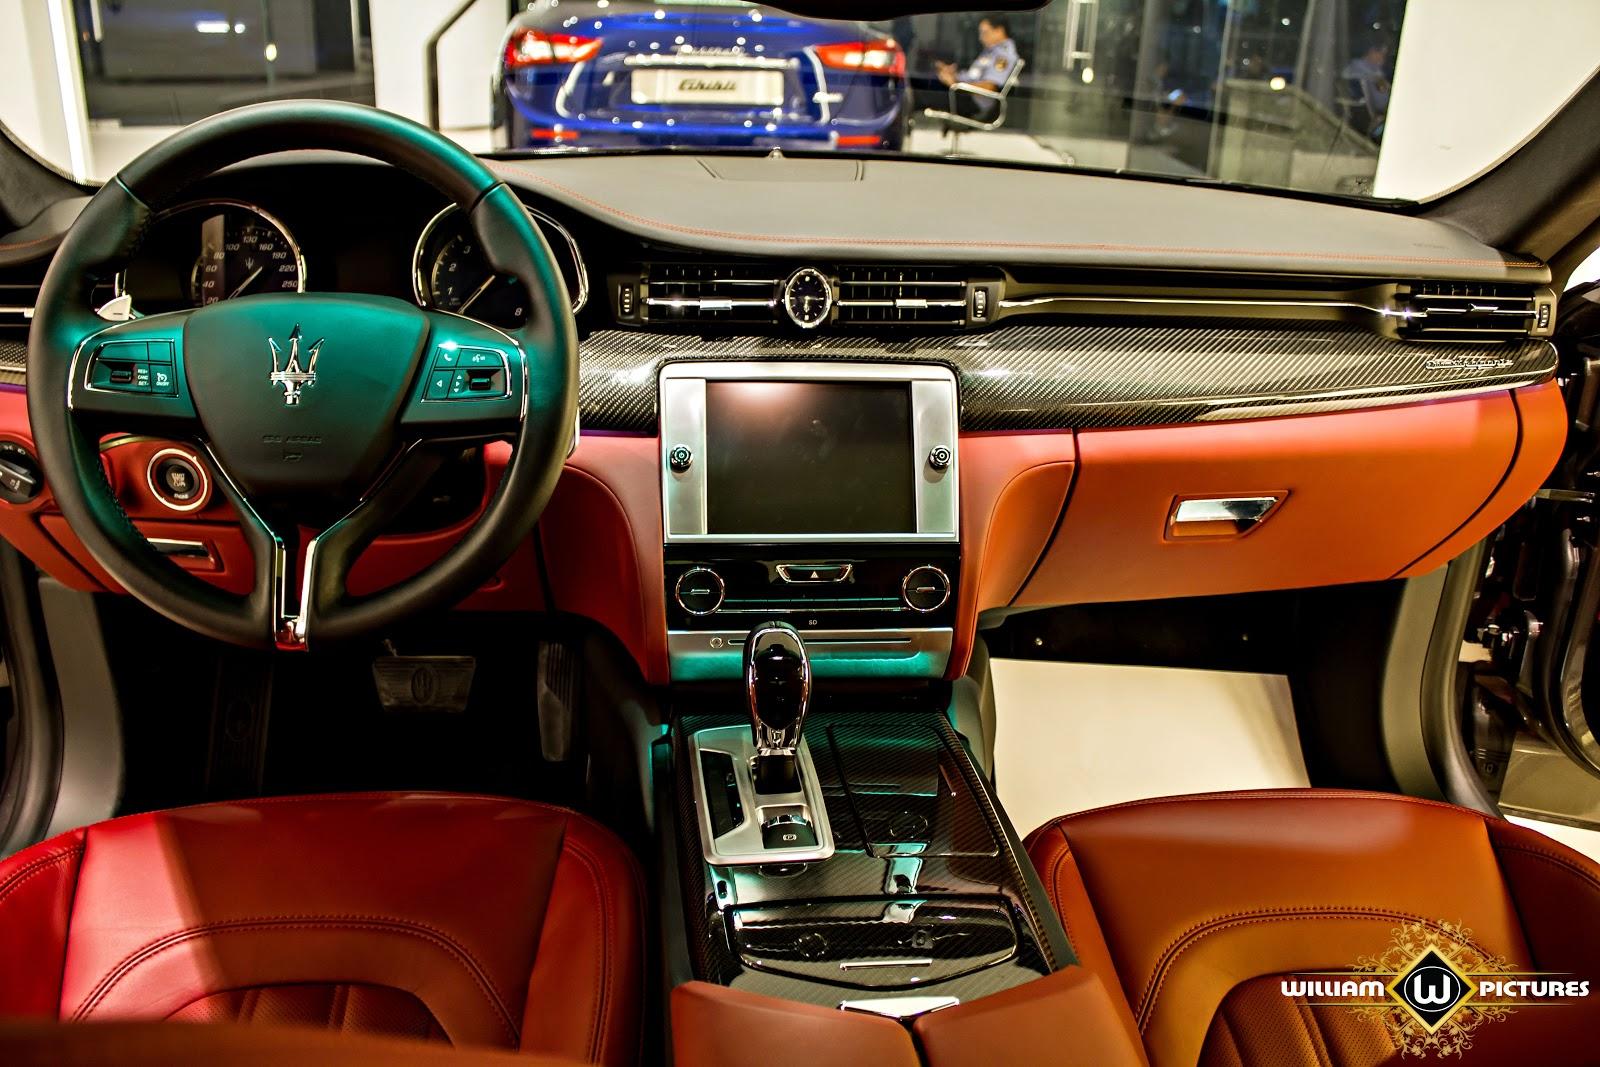 Từng đường nét của Maserati Quattroporte phải nói quá tuyệt, nét nào ra nét đó, chắc chắn, đơn giản